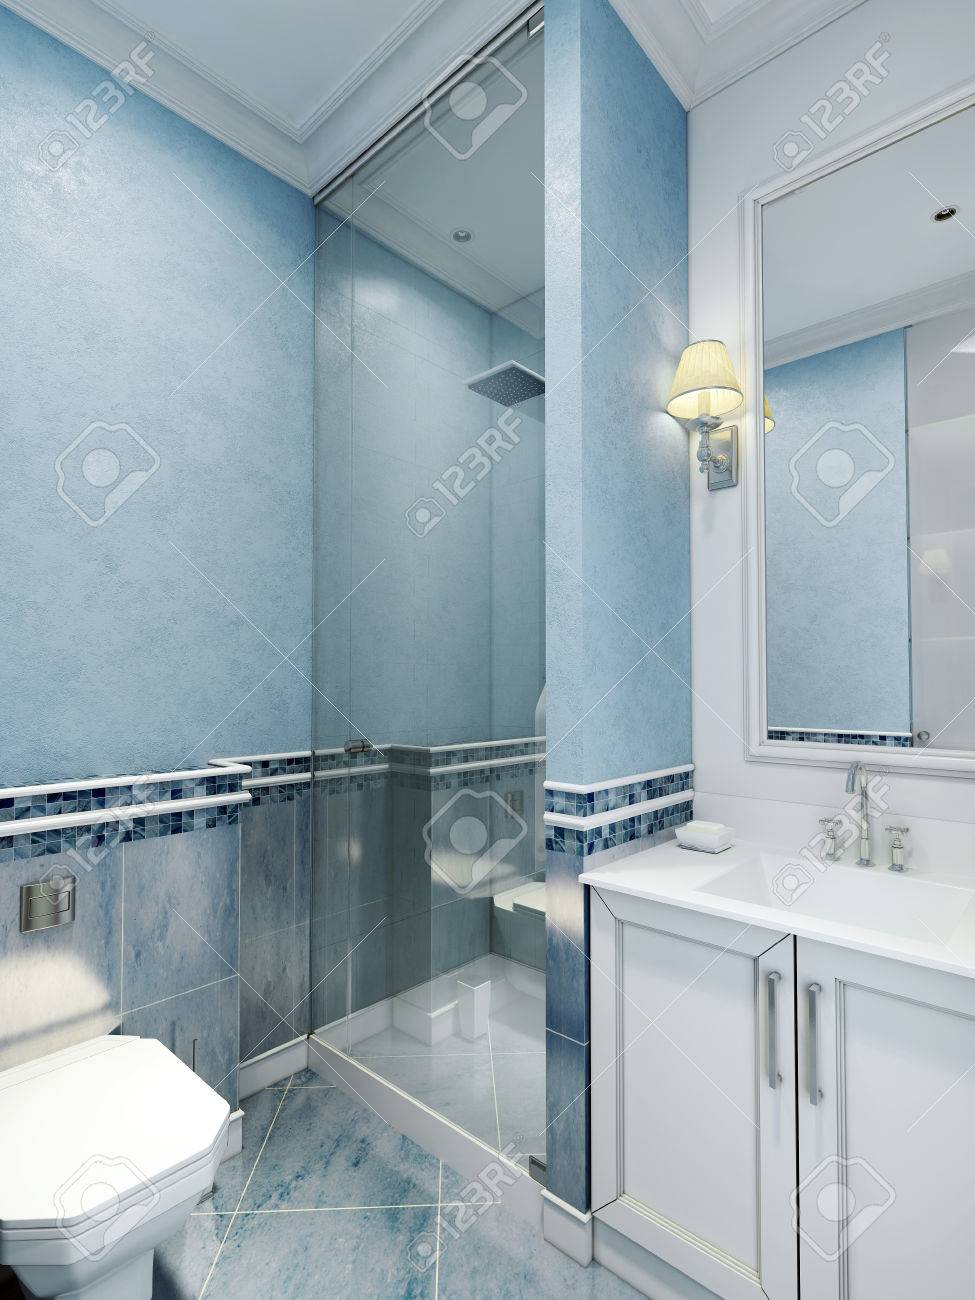 Salle De Bain Couleur Bleu ~ salle de bains de style art d co conception de salle de bains avec